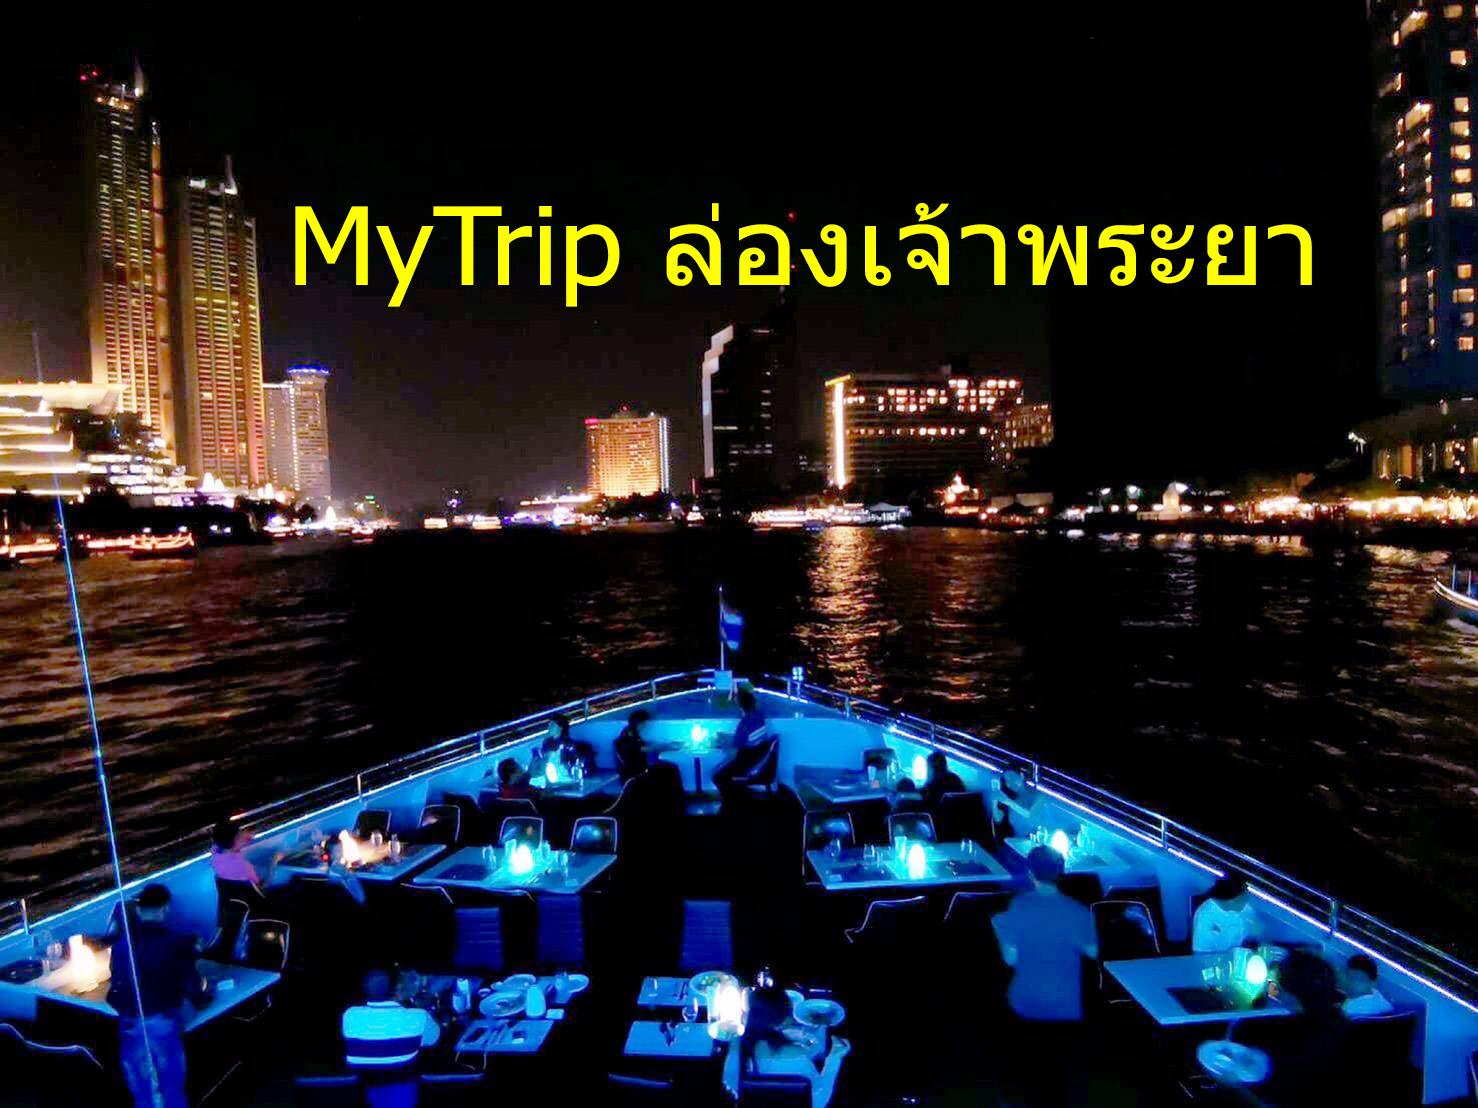 MyTrip Bangkok Choaphaya ลุยตลาดท่องเที่ยวดินเนอร์เจ้าพระยา